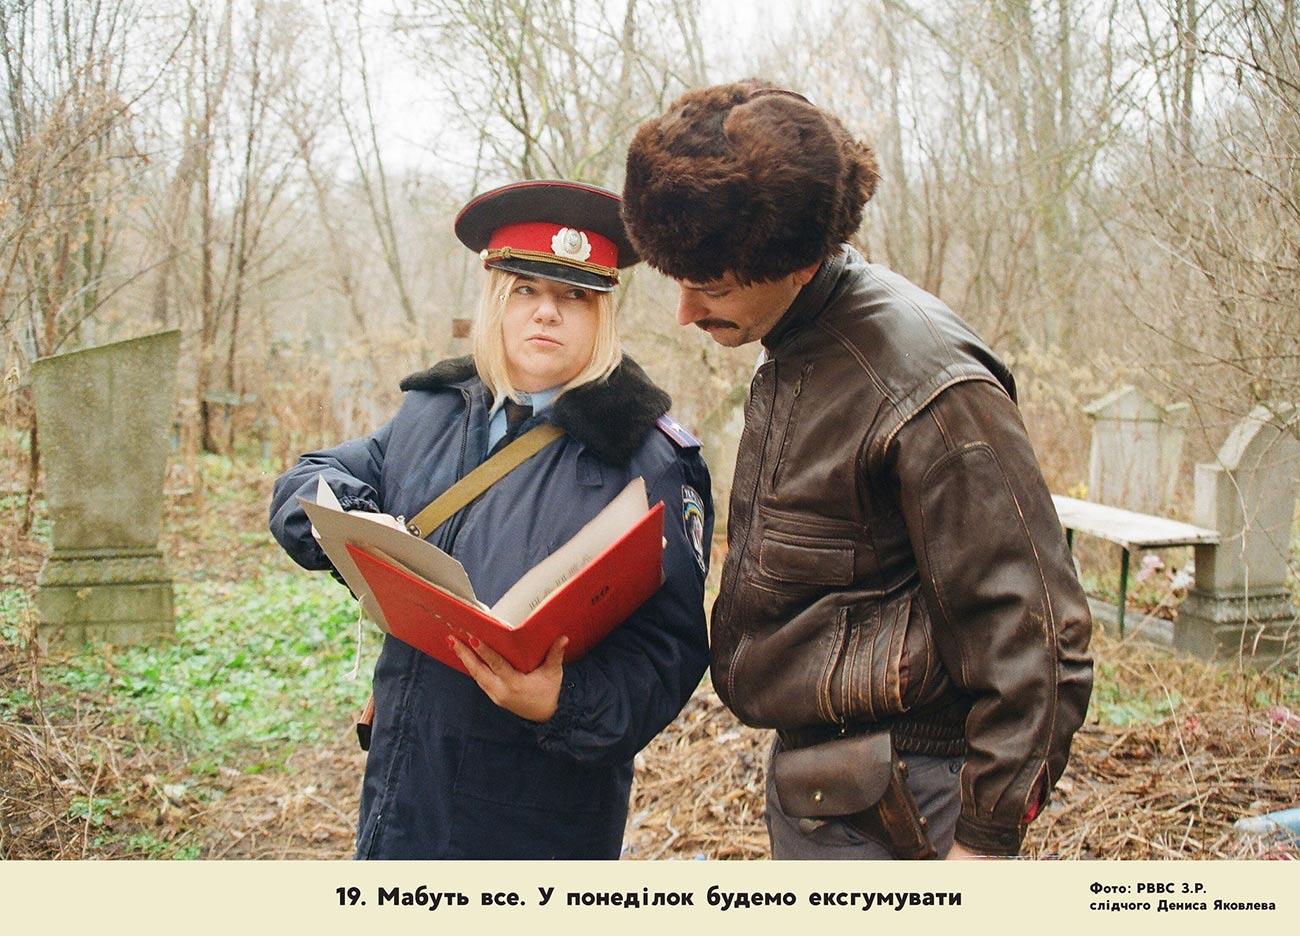 rach rev 10 - <b>Музей катастроф:</b> что важно знать о художниках Рачинском и Ревковском - Заборона